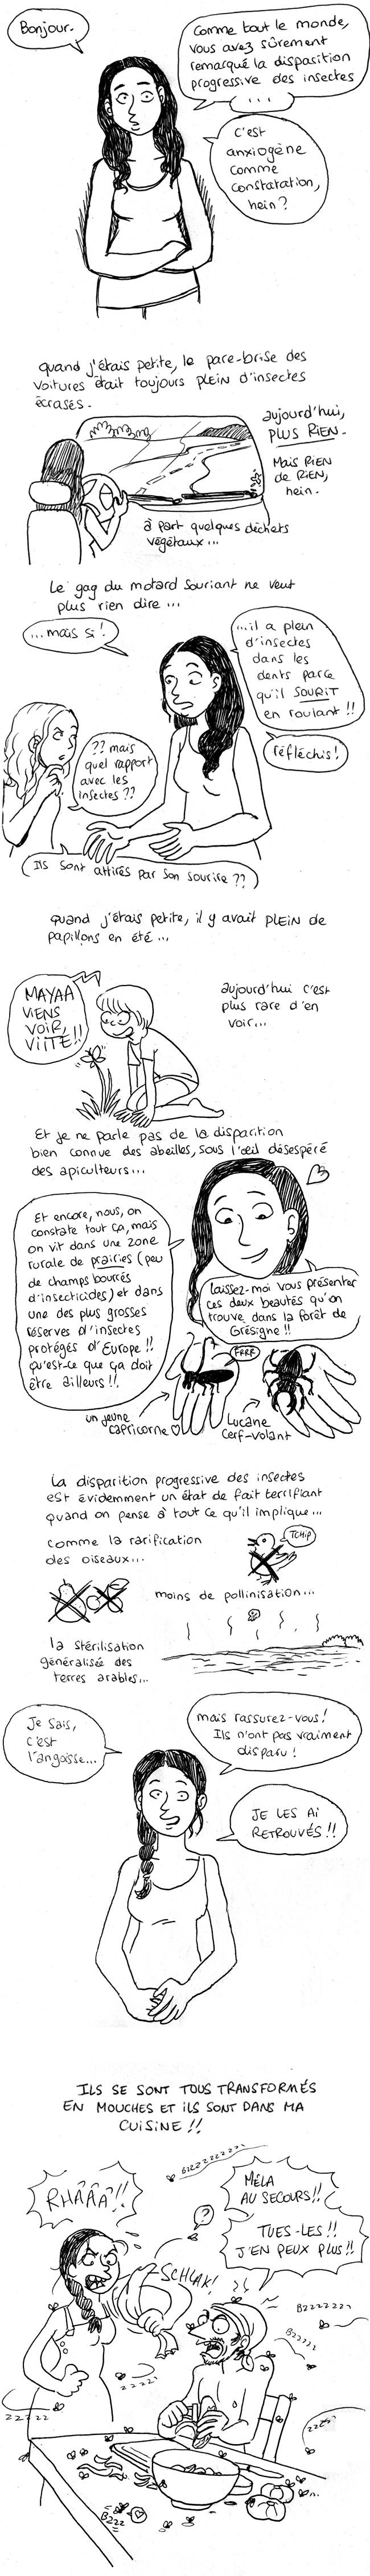 http://melaka.free.fr/blog/moumouches.jpg